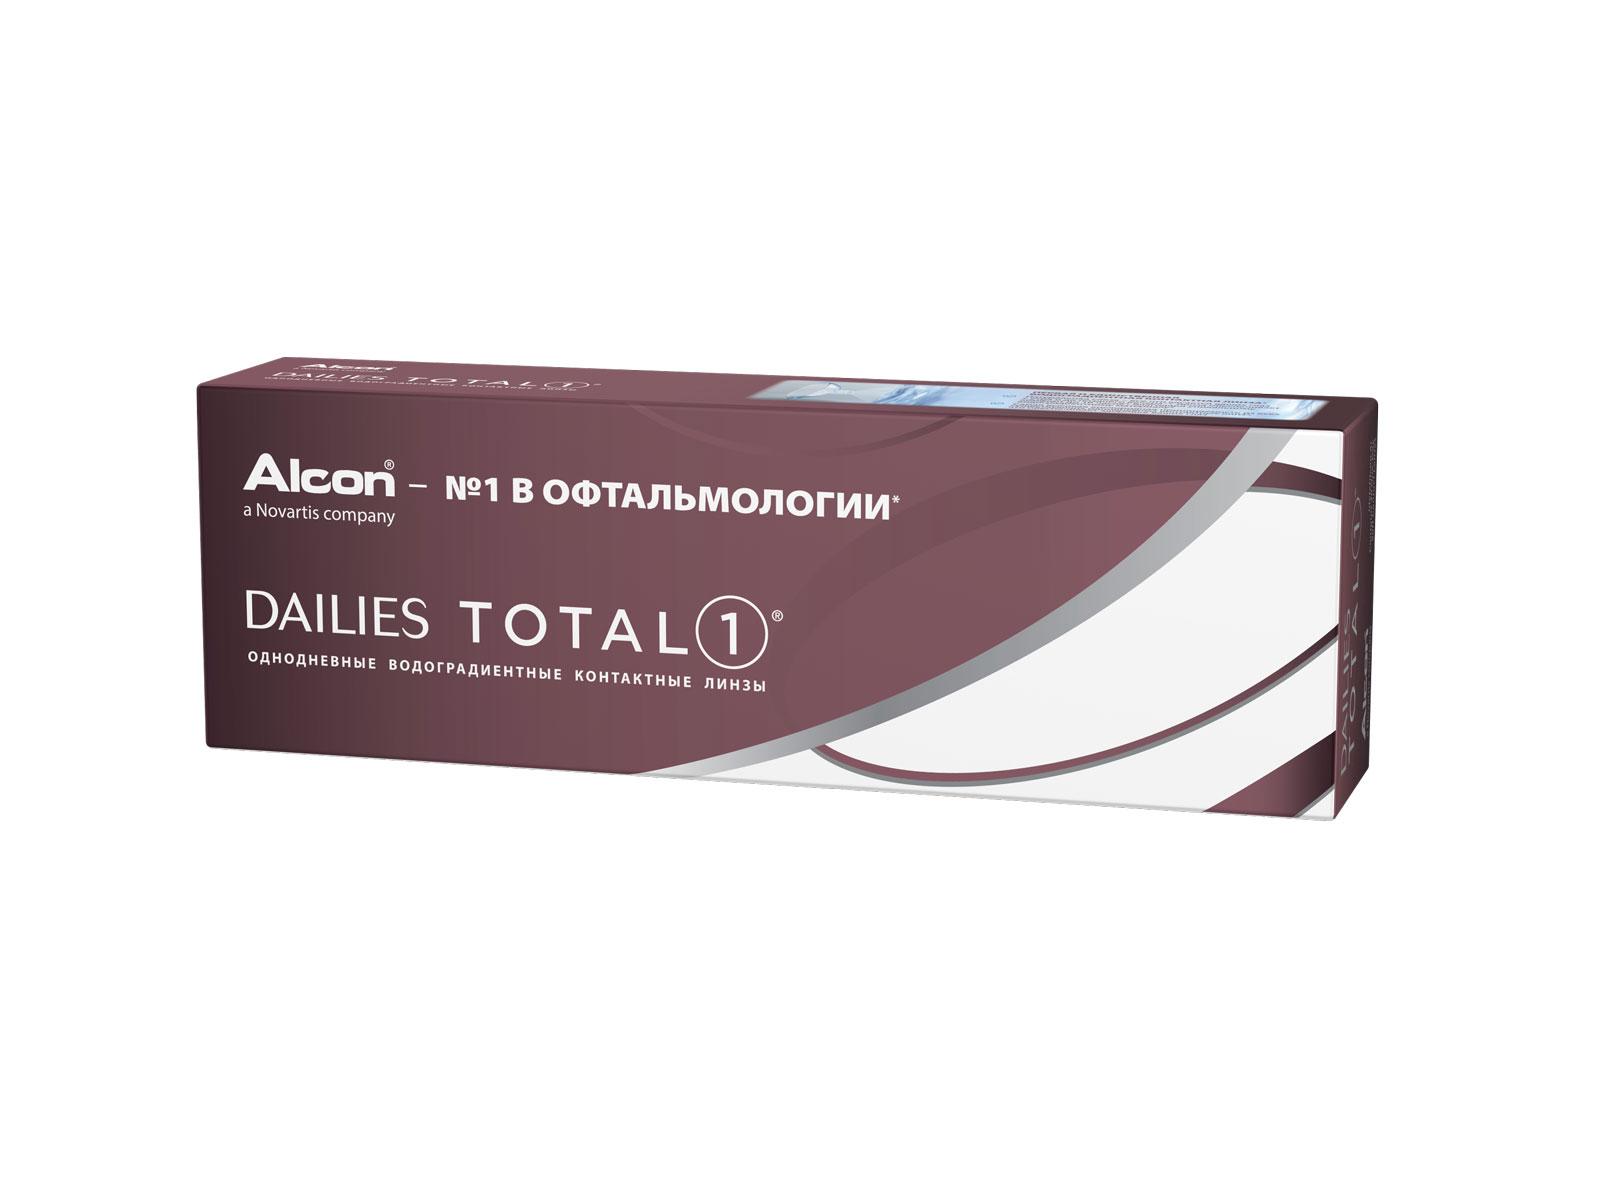 Alcon контактные линзы Dailies Total 1 30pk /-4.00 / 8.5 / 14.1100005966Dailies Total 1 – линзы, которые не чувствуешь с утра и до поздного вечера. Эти однодневные контактные линзы выполнены из уникального водоградиентного материала, багодаря которому натуральная слеза – это все, что касается ваших глаз. Почти 100% влаги на поверхности обеспечивают непревзойденный комфорт до 16 часов ношения.